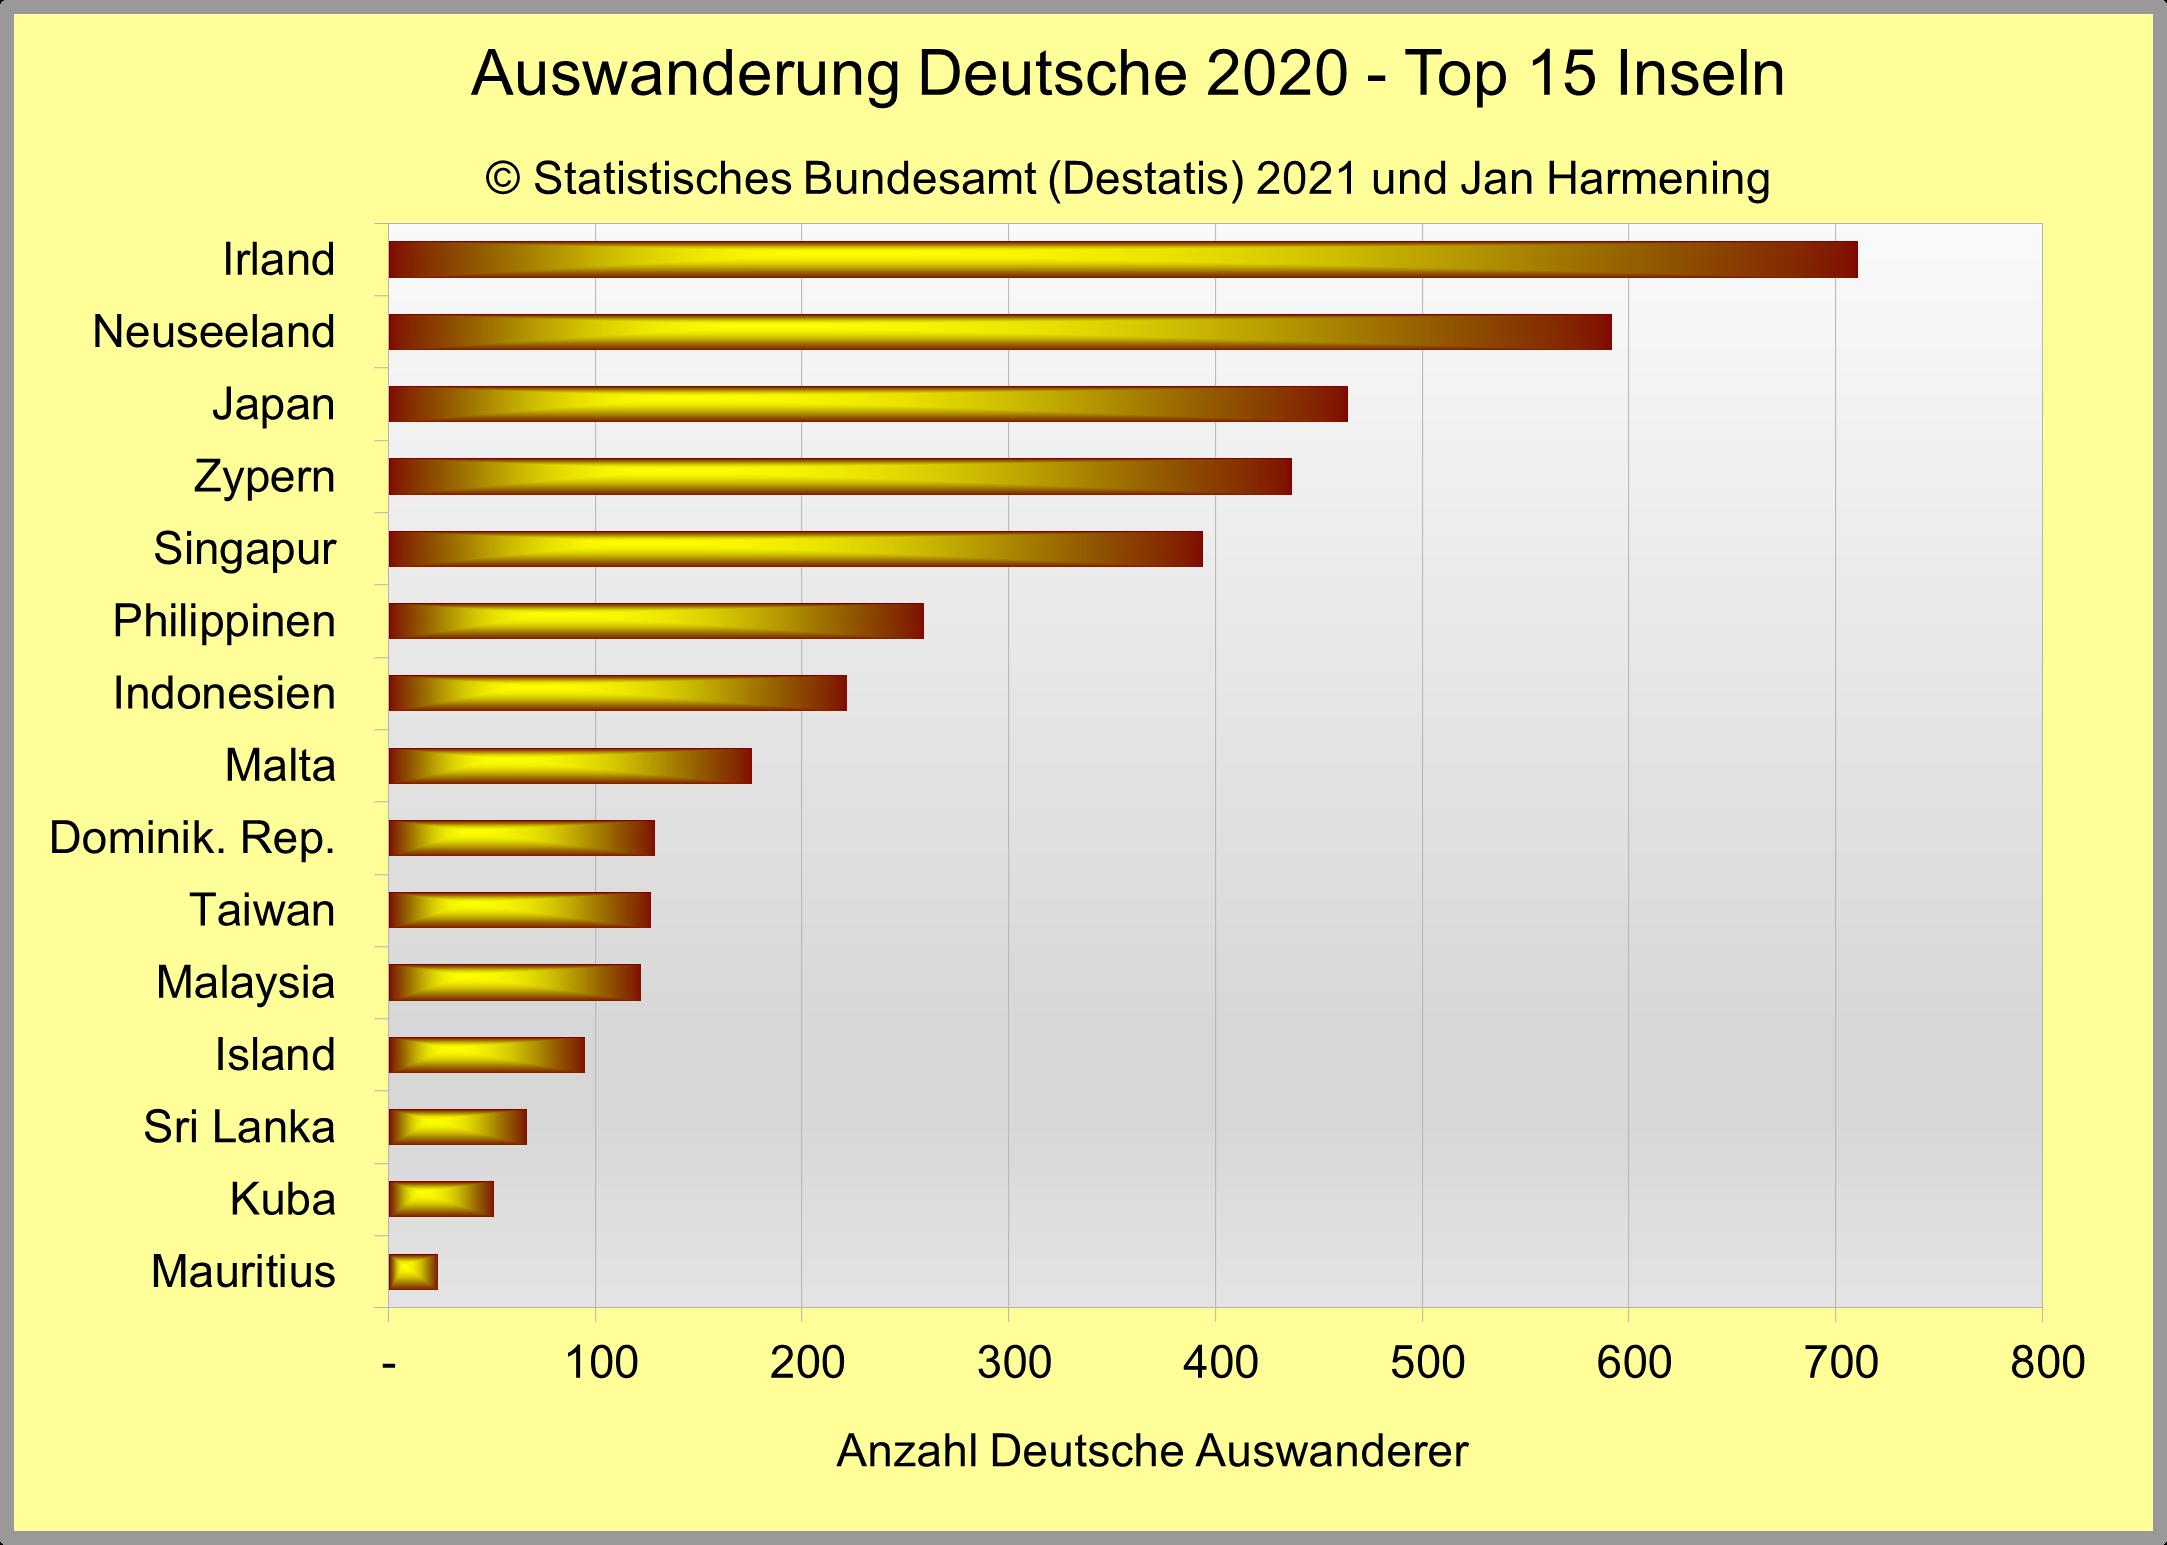 Auswanderung Deutsche 2020 - Top 15 Inseln